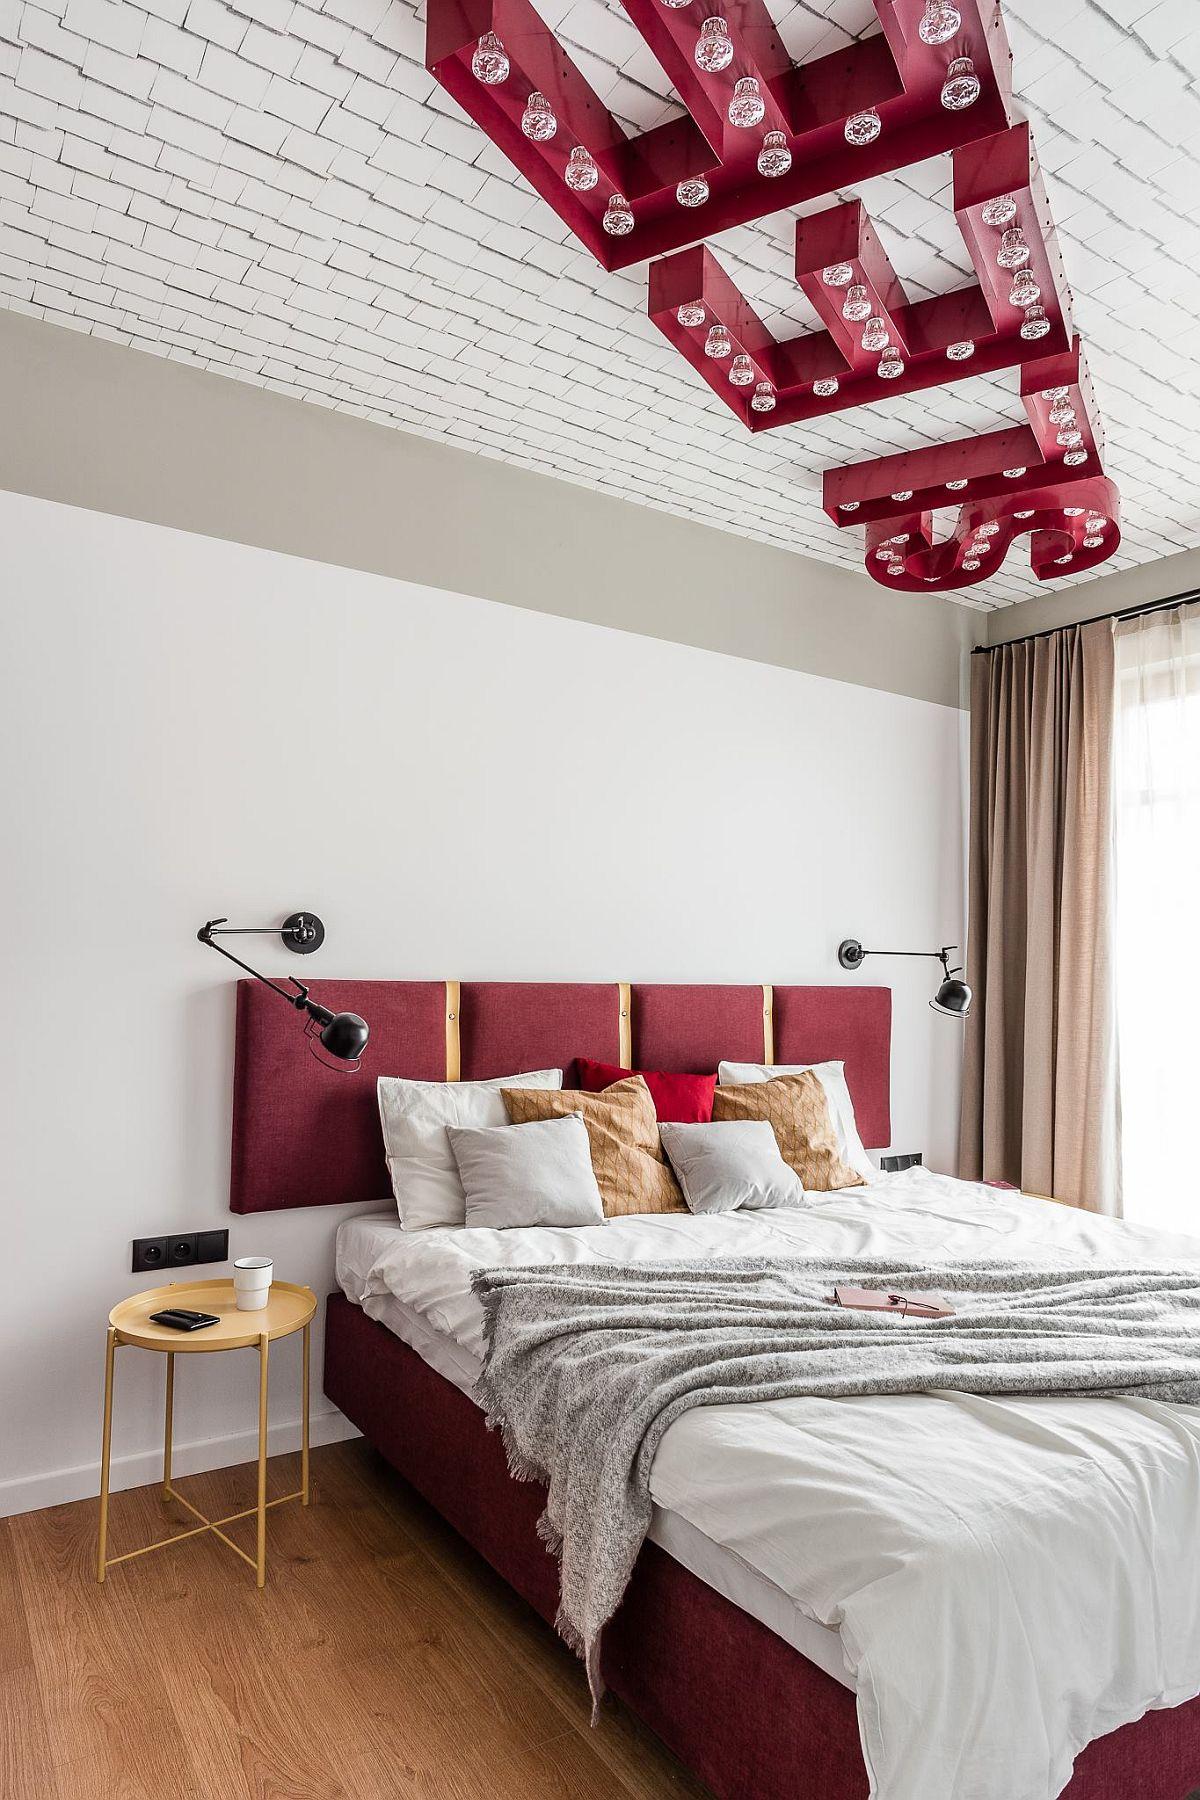 Dormitorul este inedit amenajat prin modul cum este tratat plafonul. În loc de corpuri de iluminat, arhitecții au prevăzut litere cu becuri care formează cuvîntul Sleep. De asemenea, suprafața plafonului a fost îmbrăcată cu un tapet cu model imprimat 3D, care dă imprsia de placare.